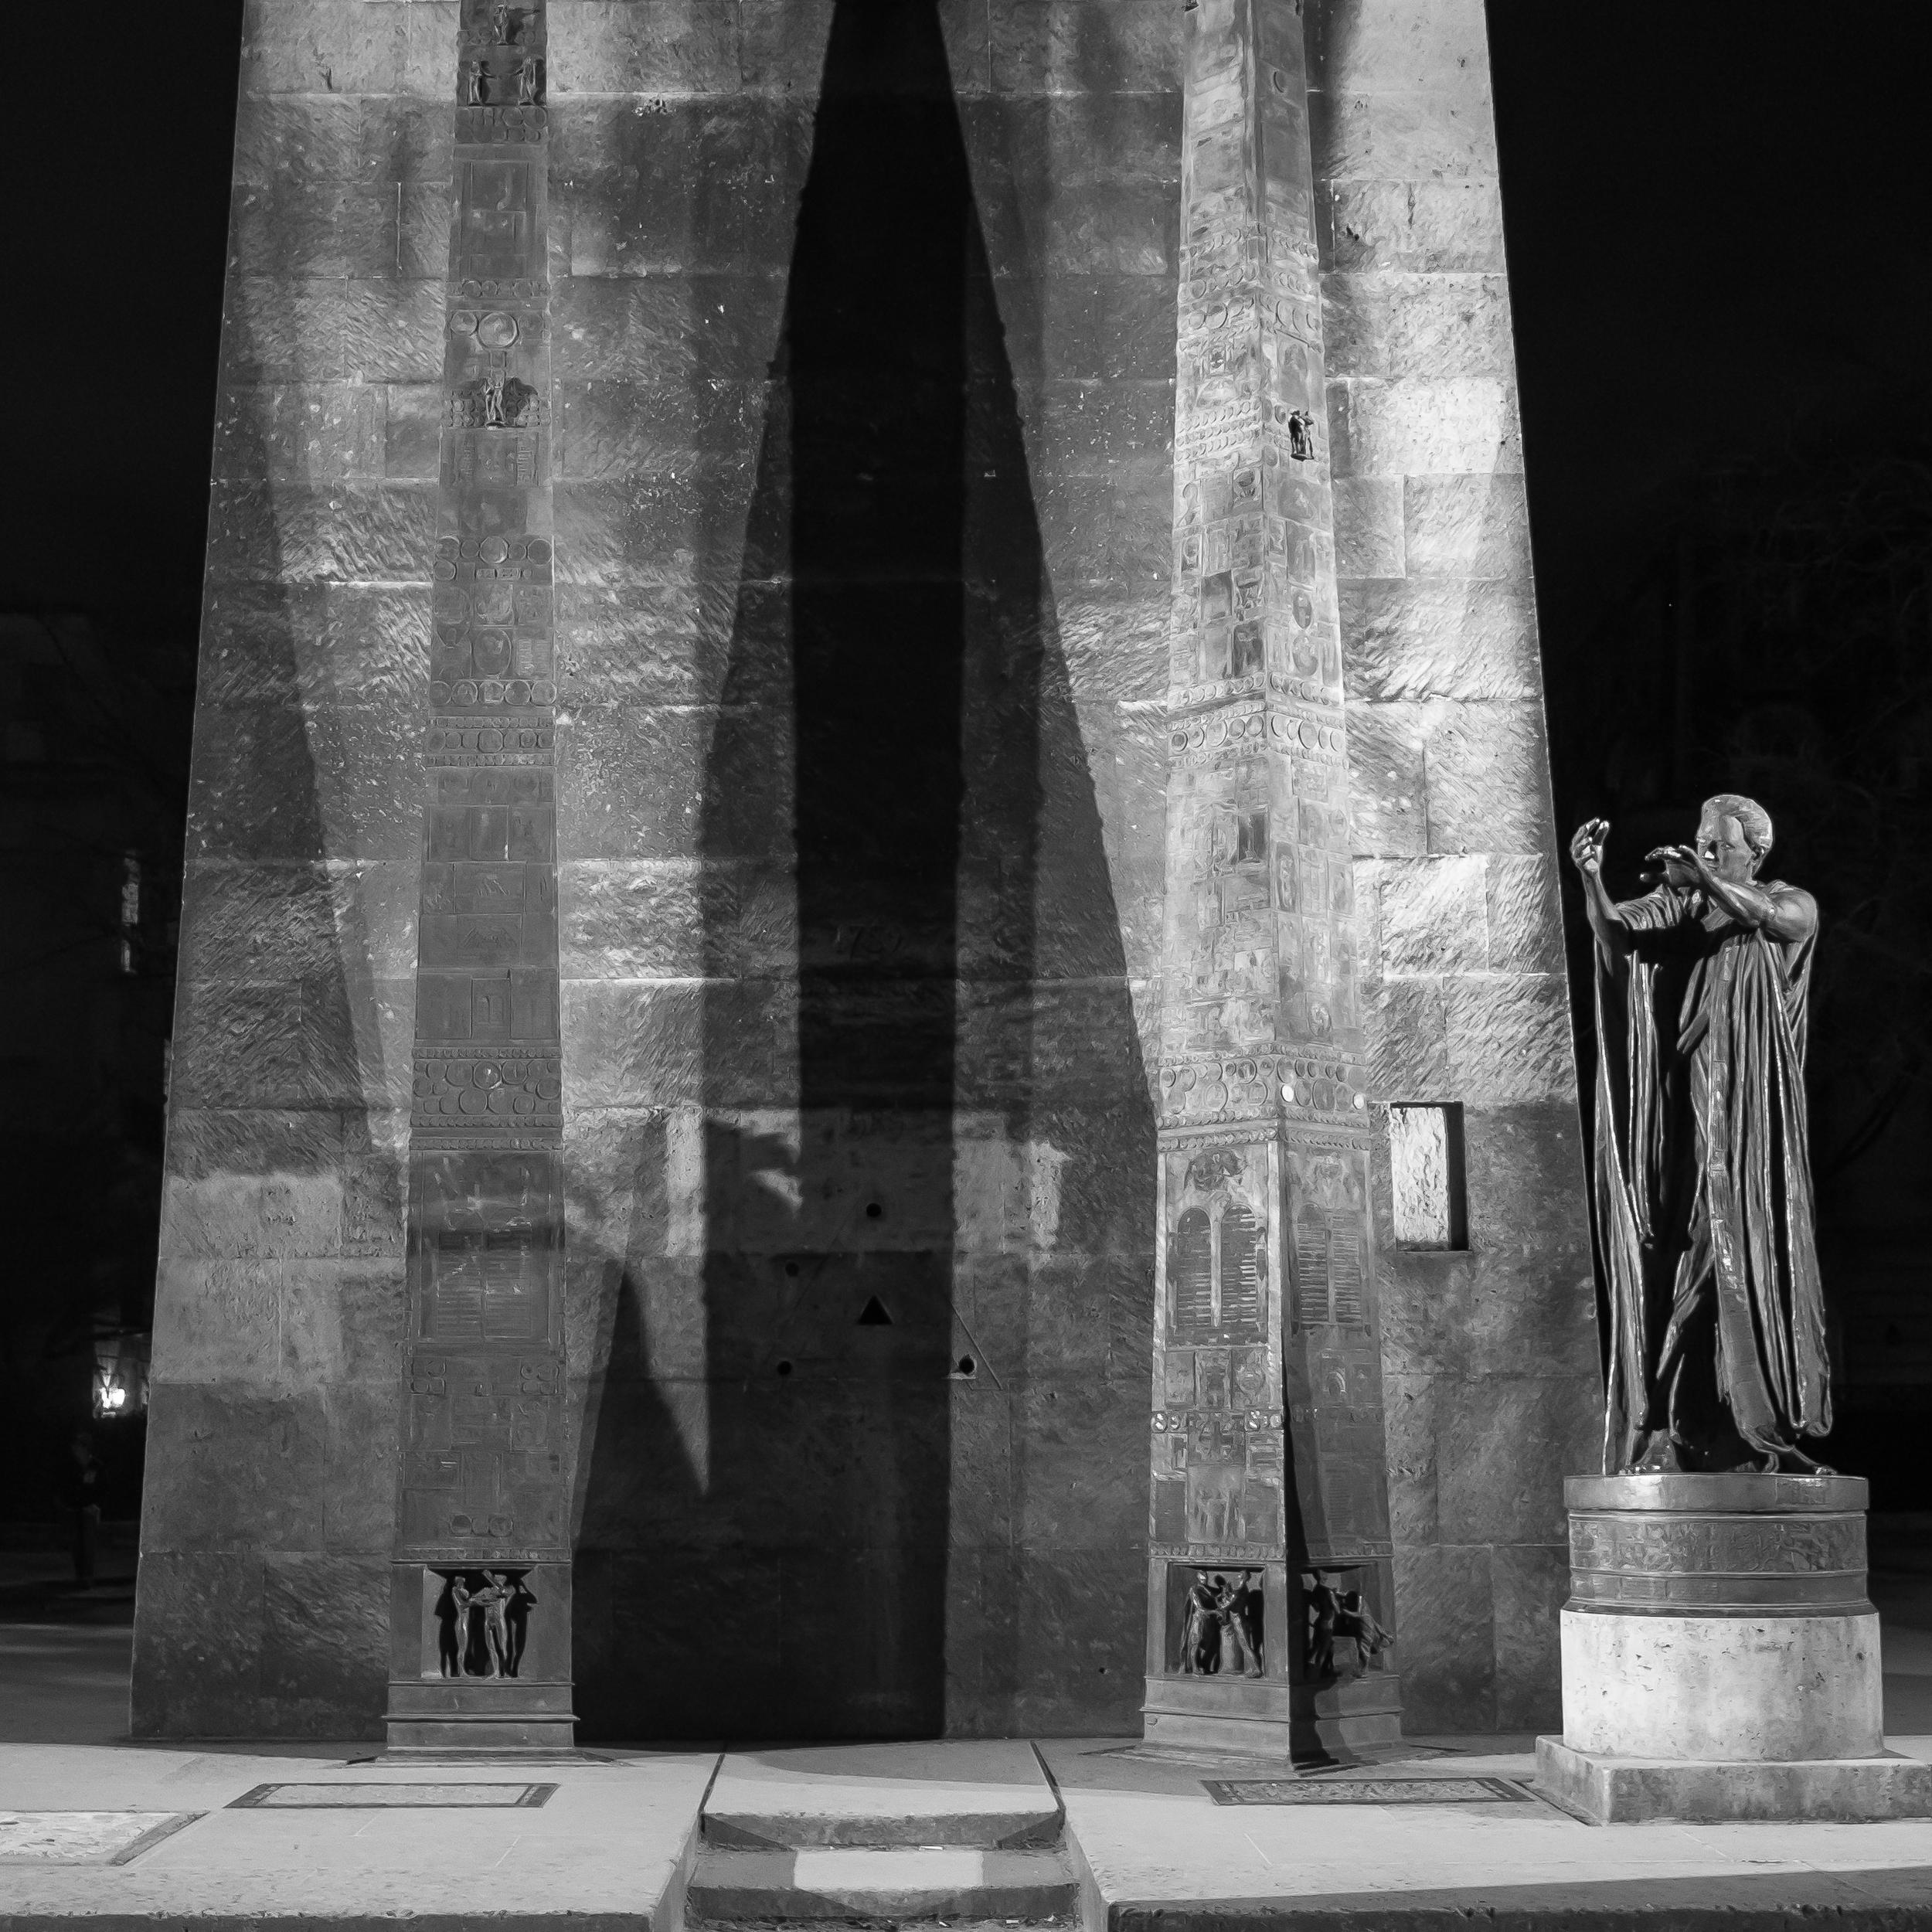 Monument des Droits de l'Homme (Human Rights)